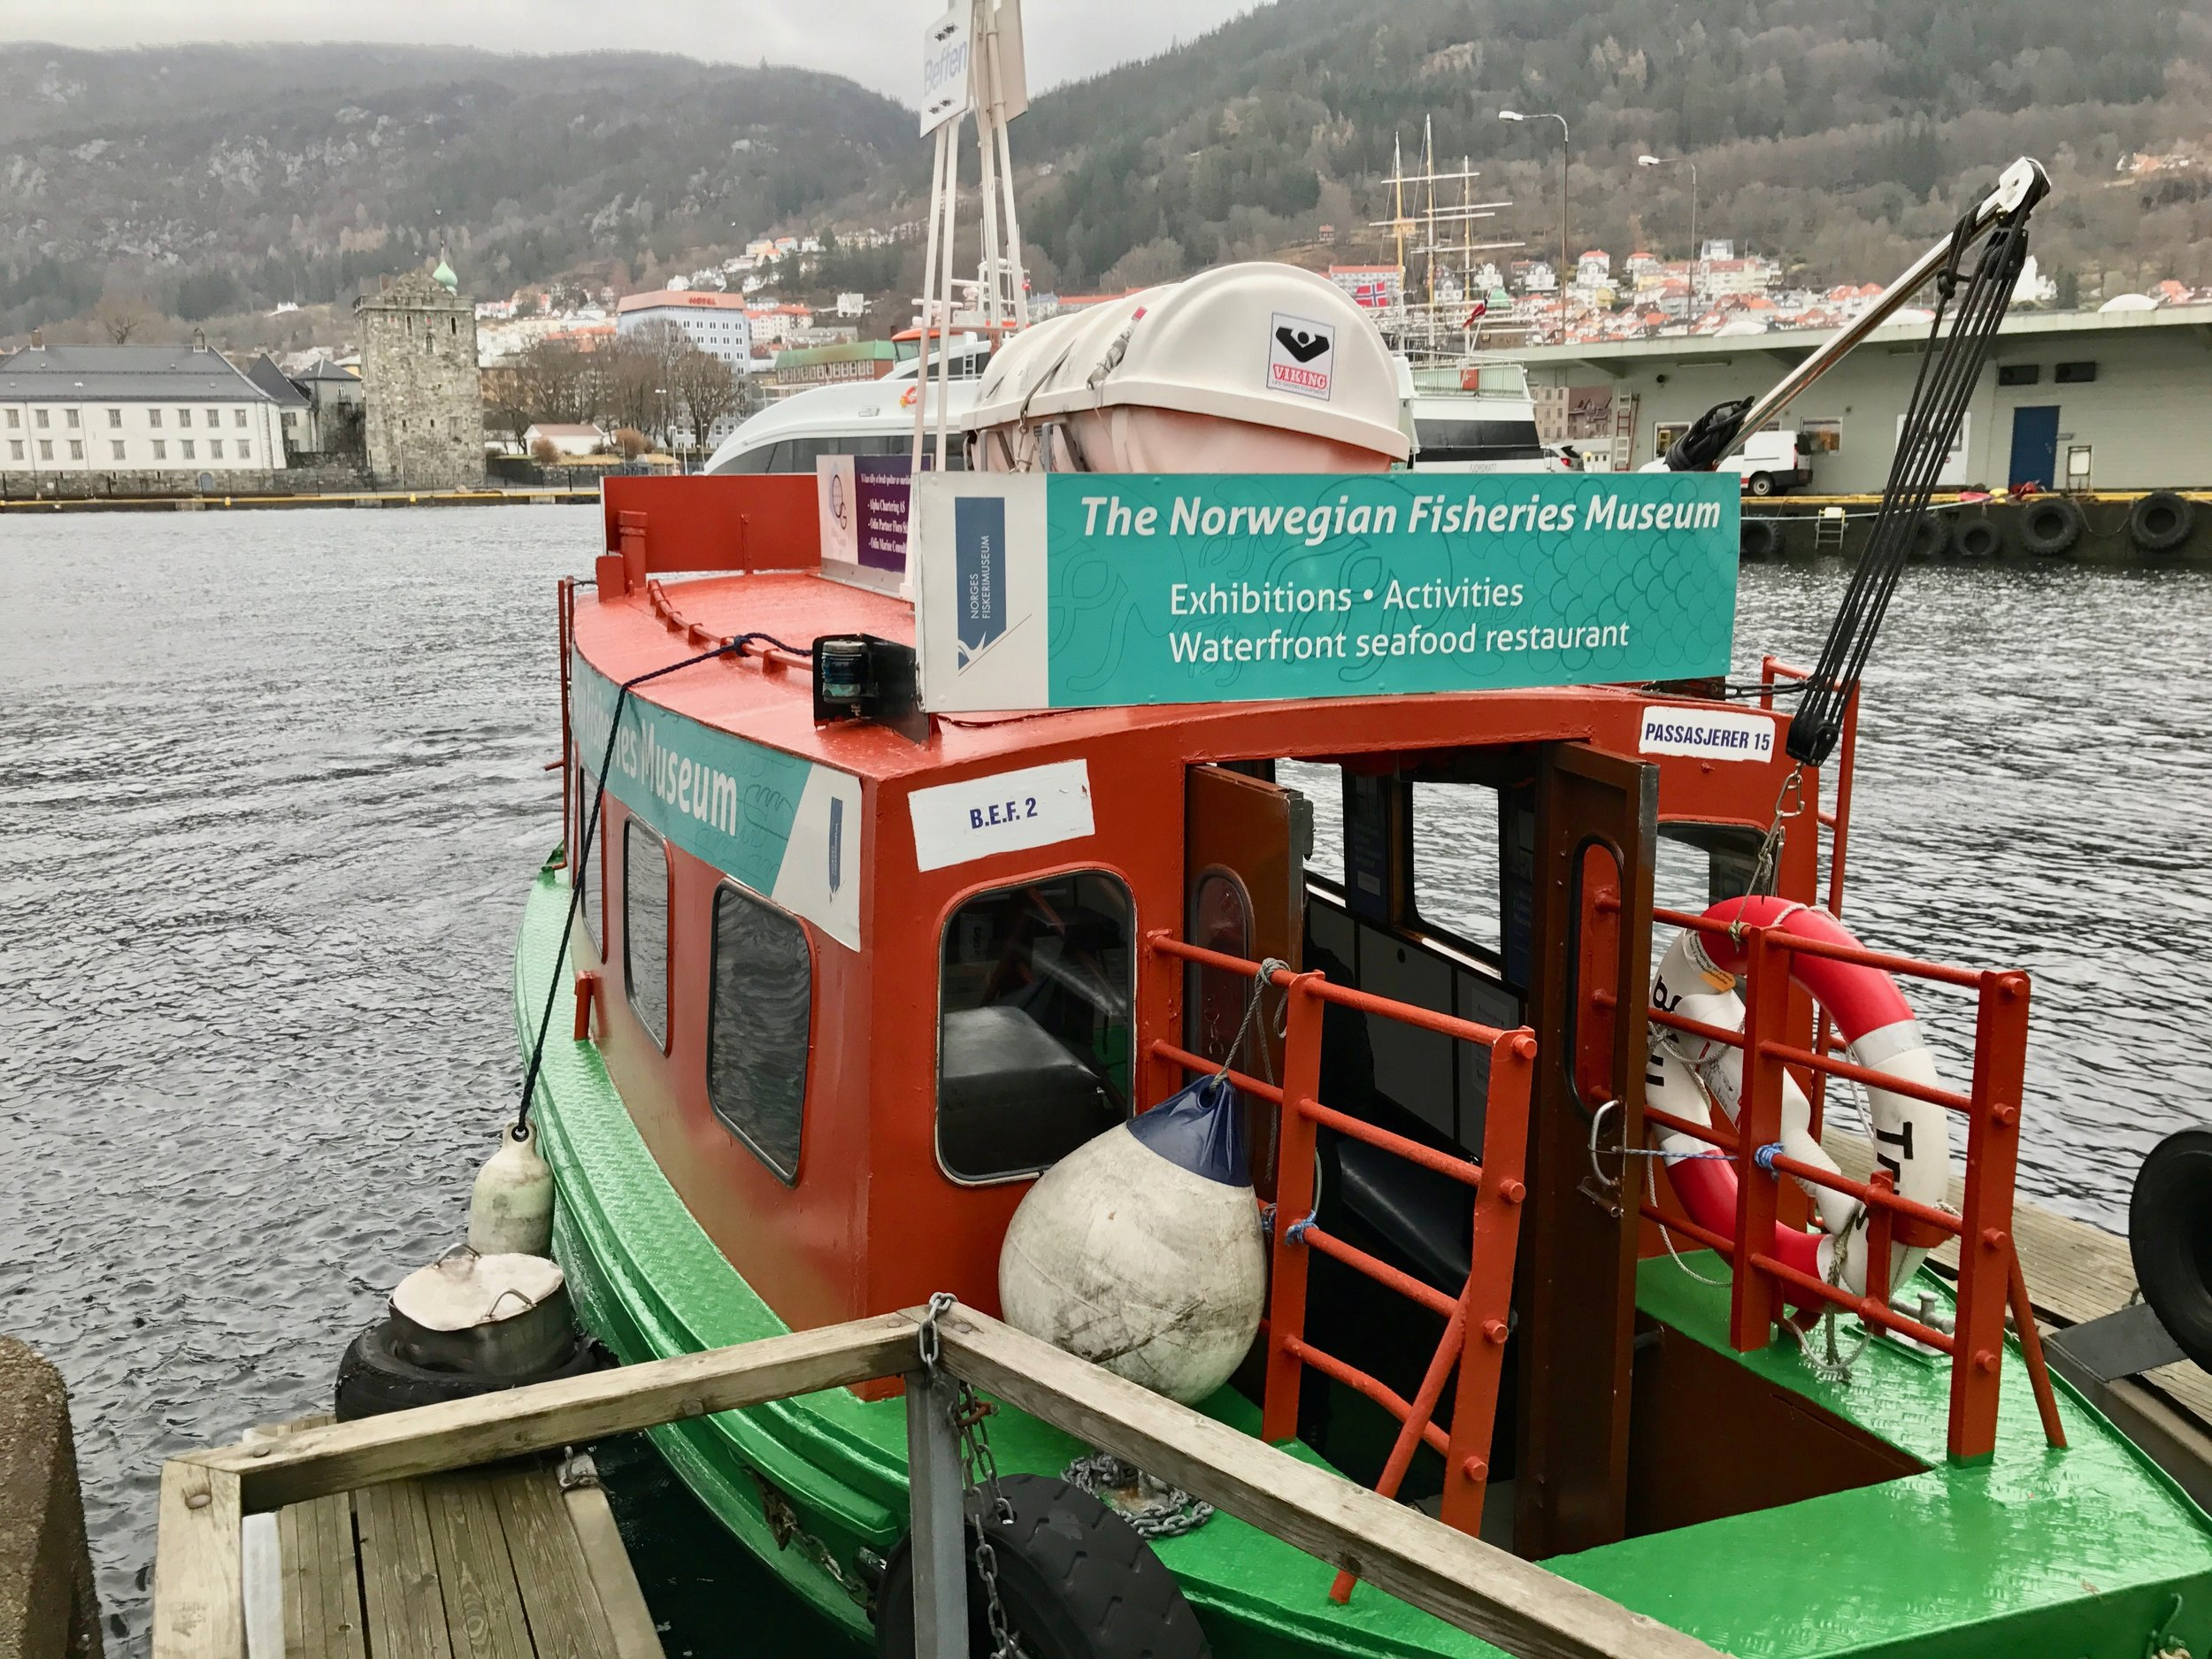 Se Bergen fra Vågen, bli transportert mellom Bradbenken og Nykirken (Munkebryggen) – eller ta en sightseeing rundt fjorden i den eneste gjenlevende fergen over Vågen. Foto: Odd Roar Lange